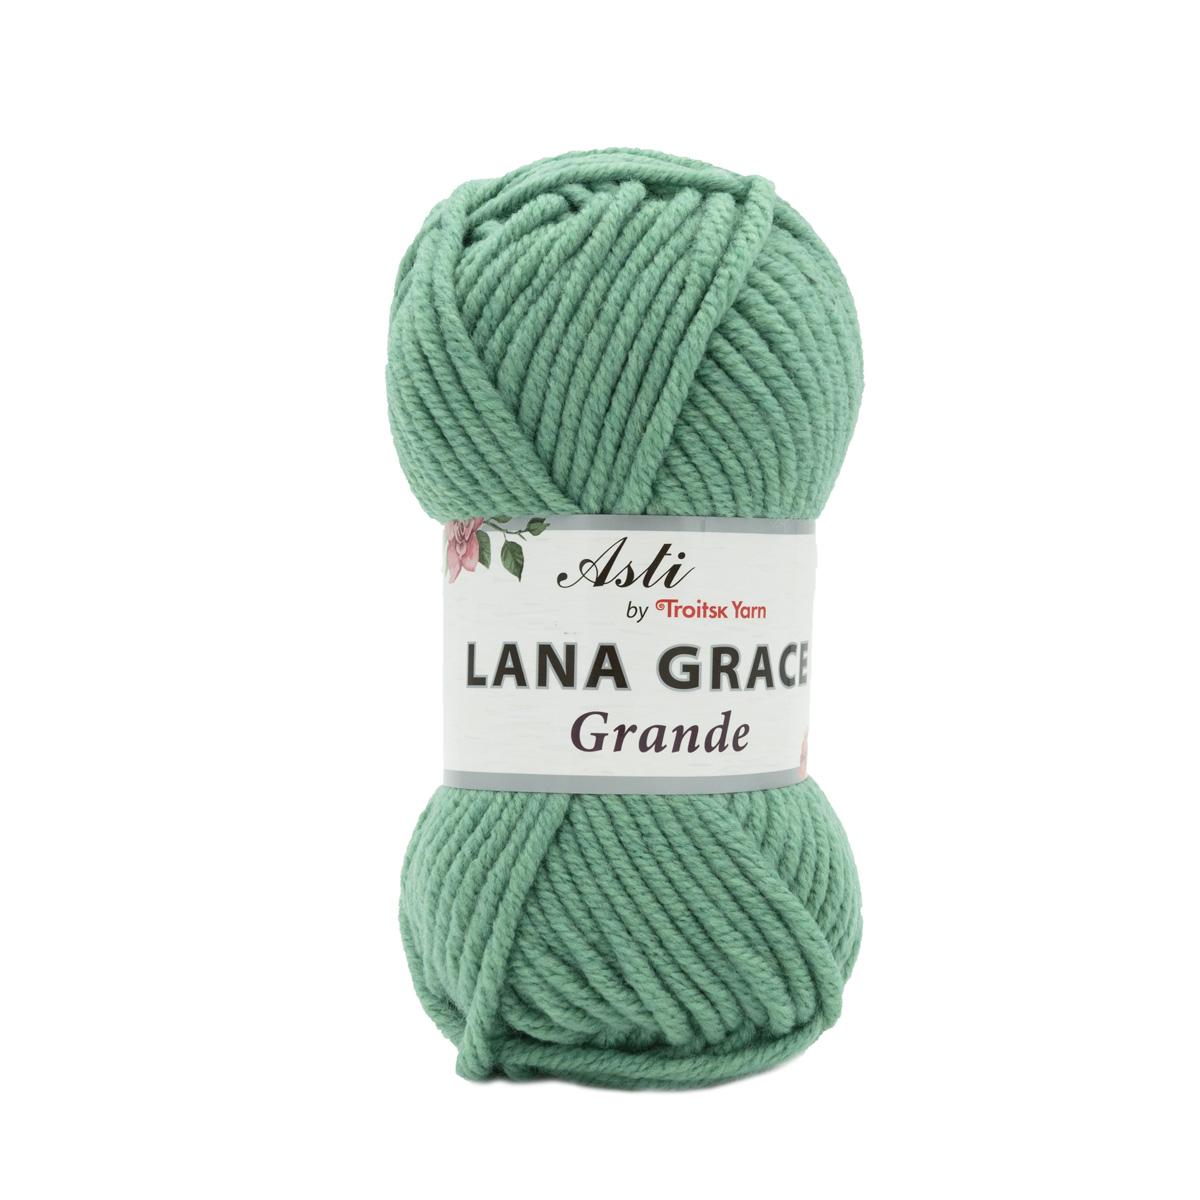 Пряжа из Троицка 'Lana Grace Grande' 100гр. 65м. (25% мериносовая шерсть, 75% акрил супер софт ) (1120 мелиса)